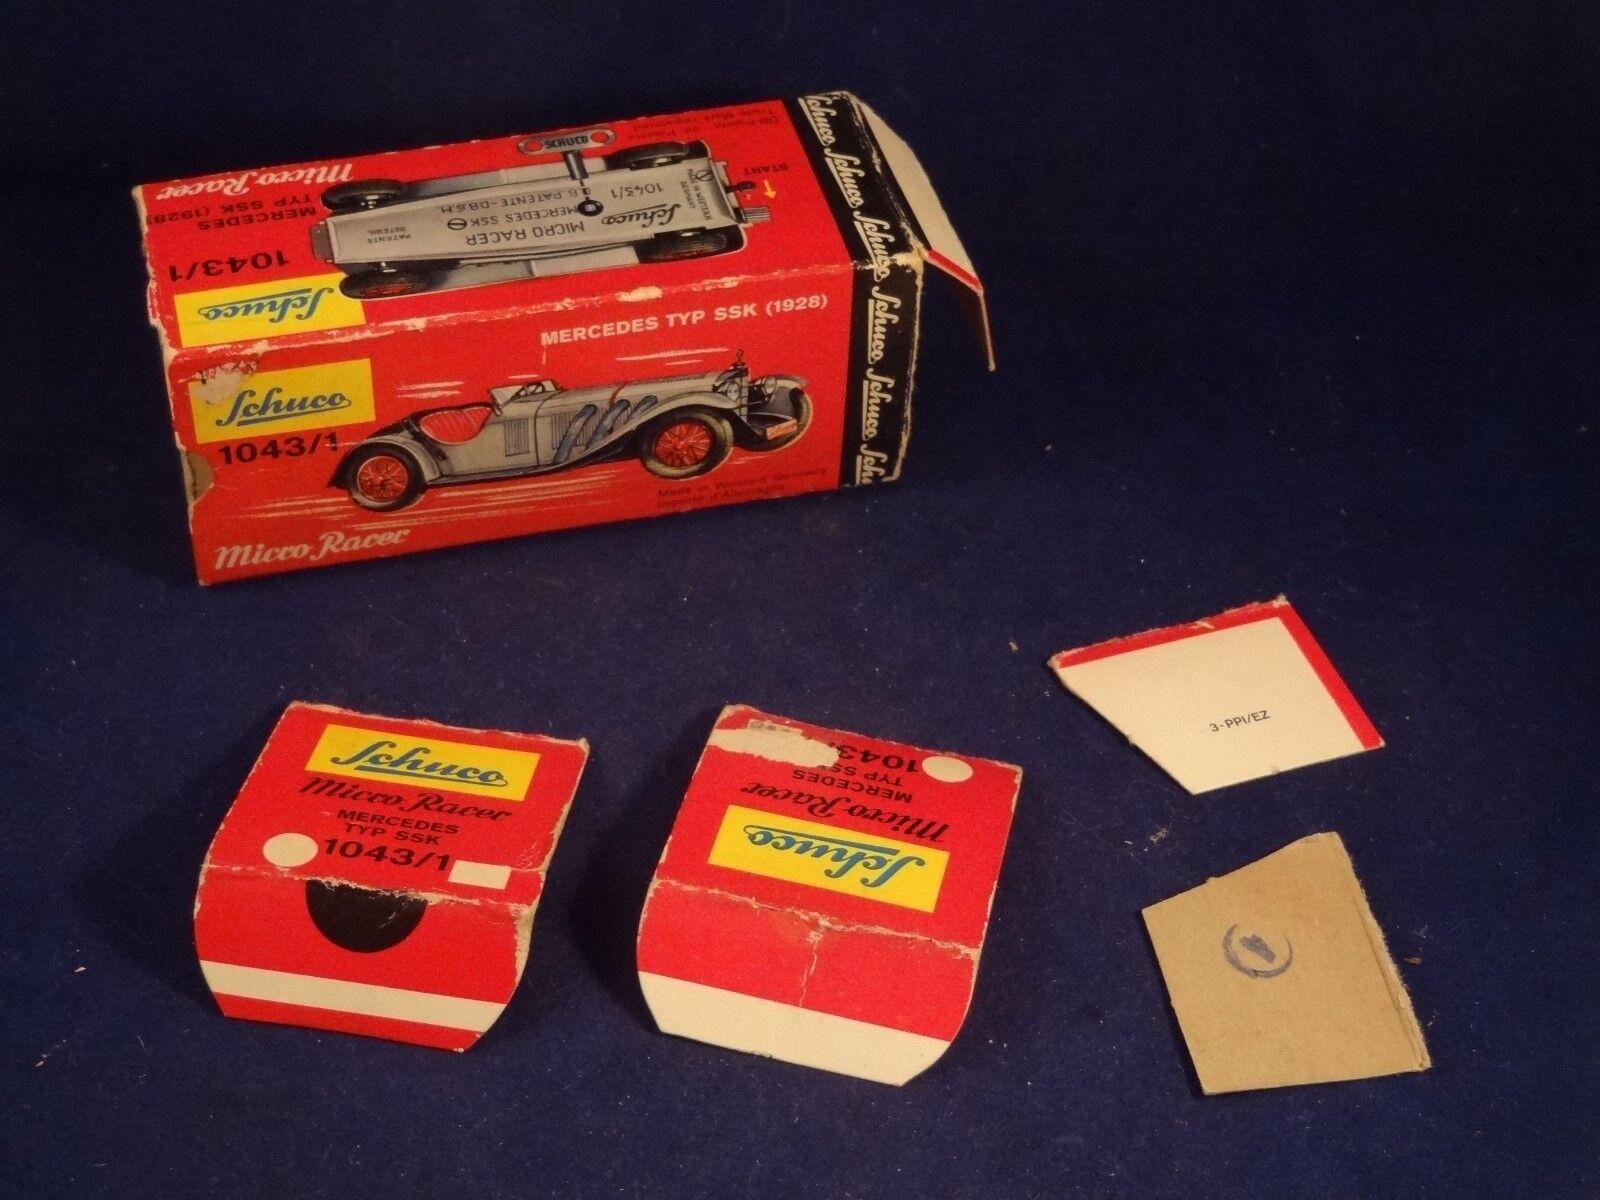 Ancienne voiture mécanique mécanique mécanique Mercedes SSK 1928 Micro Racer SCHUCO W.GERMANY 1950   Outlet Store    Pas Chers    Le Moins Cher  2ac85a